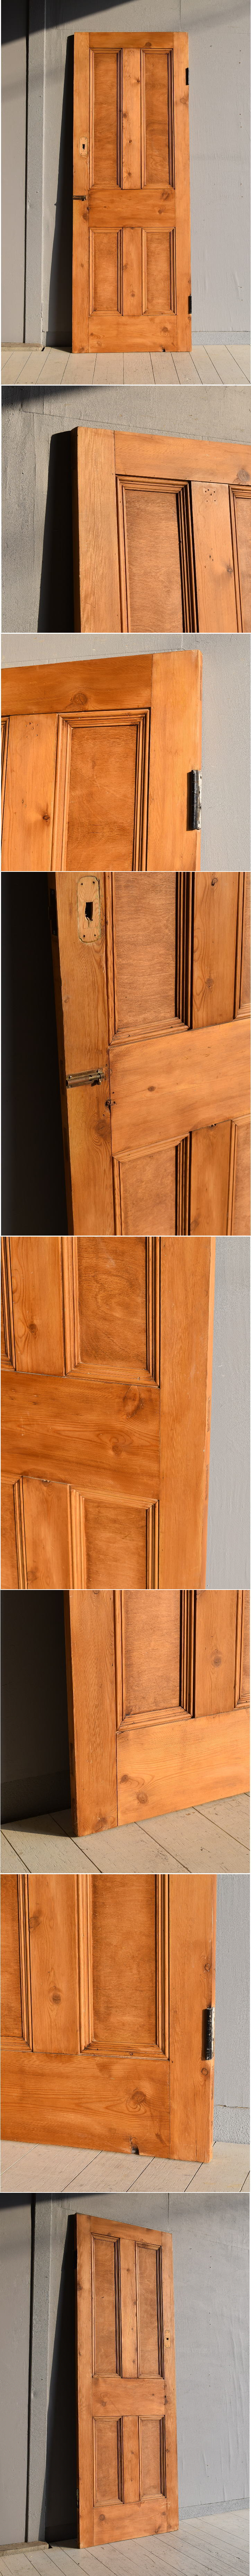 イギリス アンティーク オールドパイン ドア 扉 建具 7768